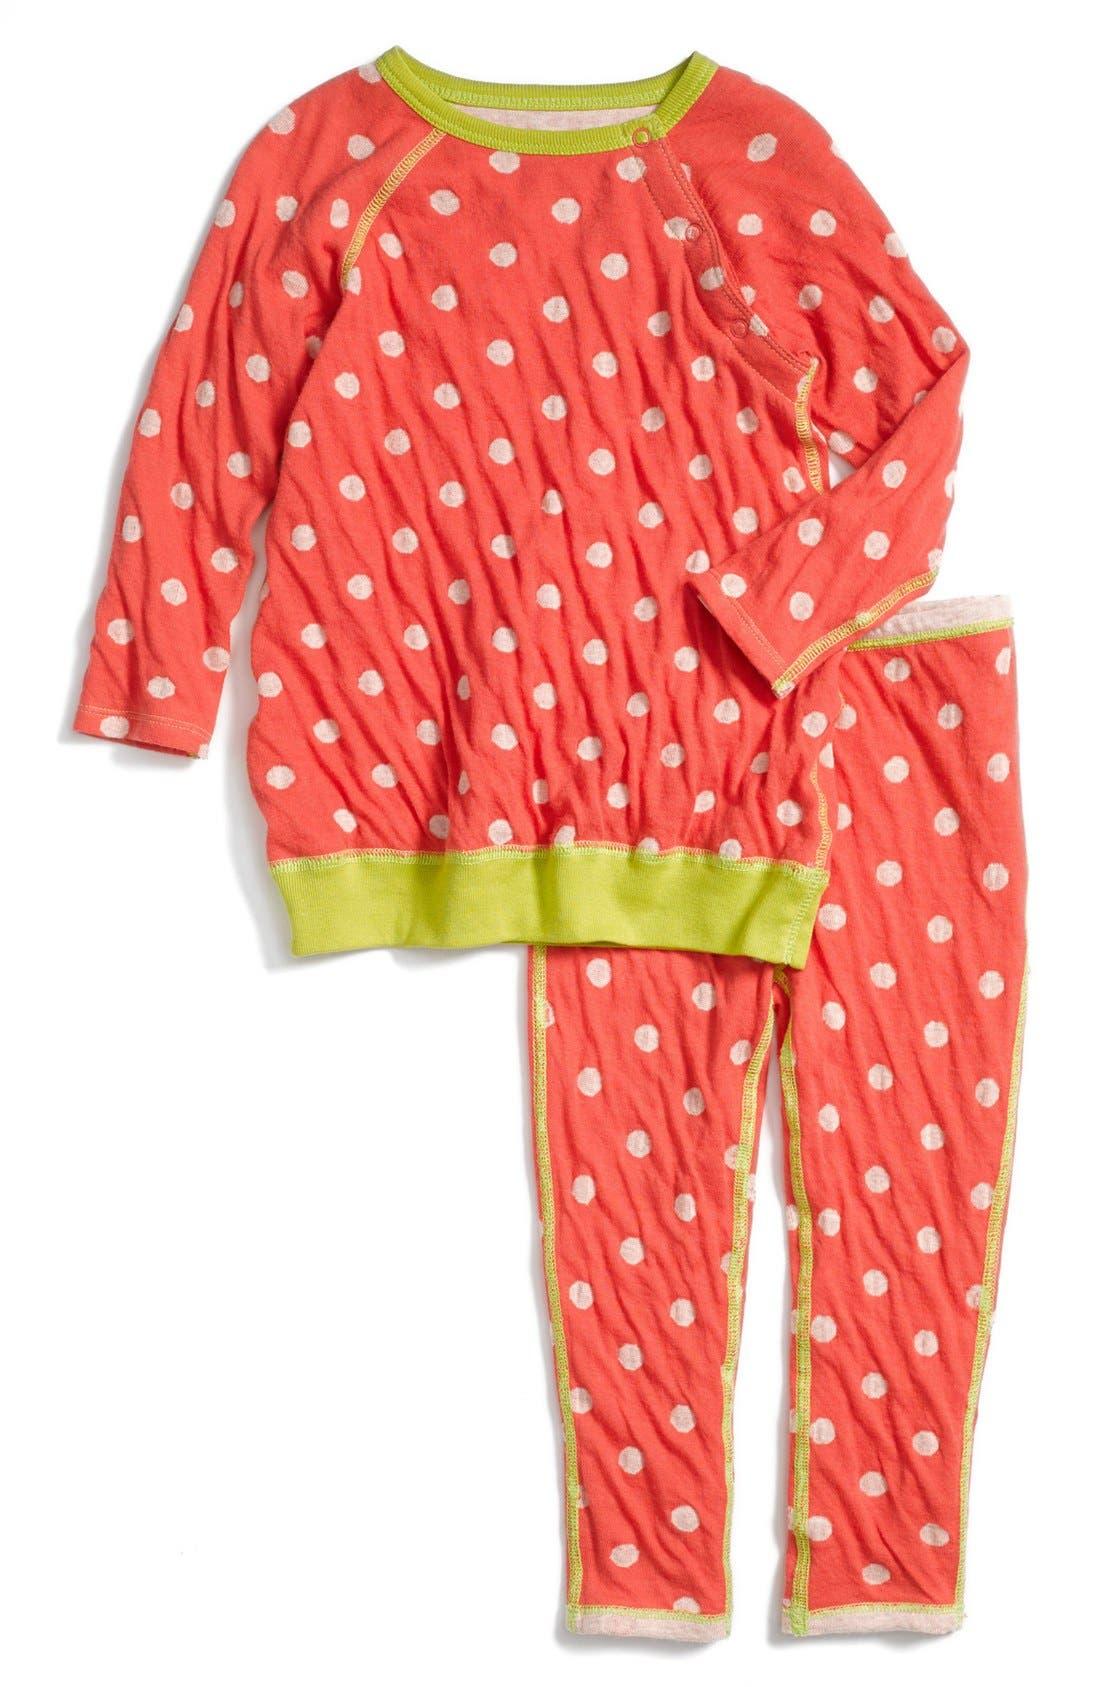 Main Image - Stem Baby Reversible Organic Cotton Sweatshirt & Pants Set (Baby)